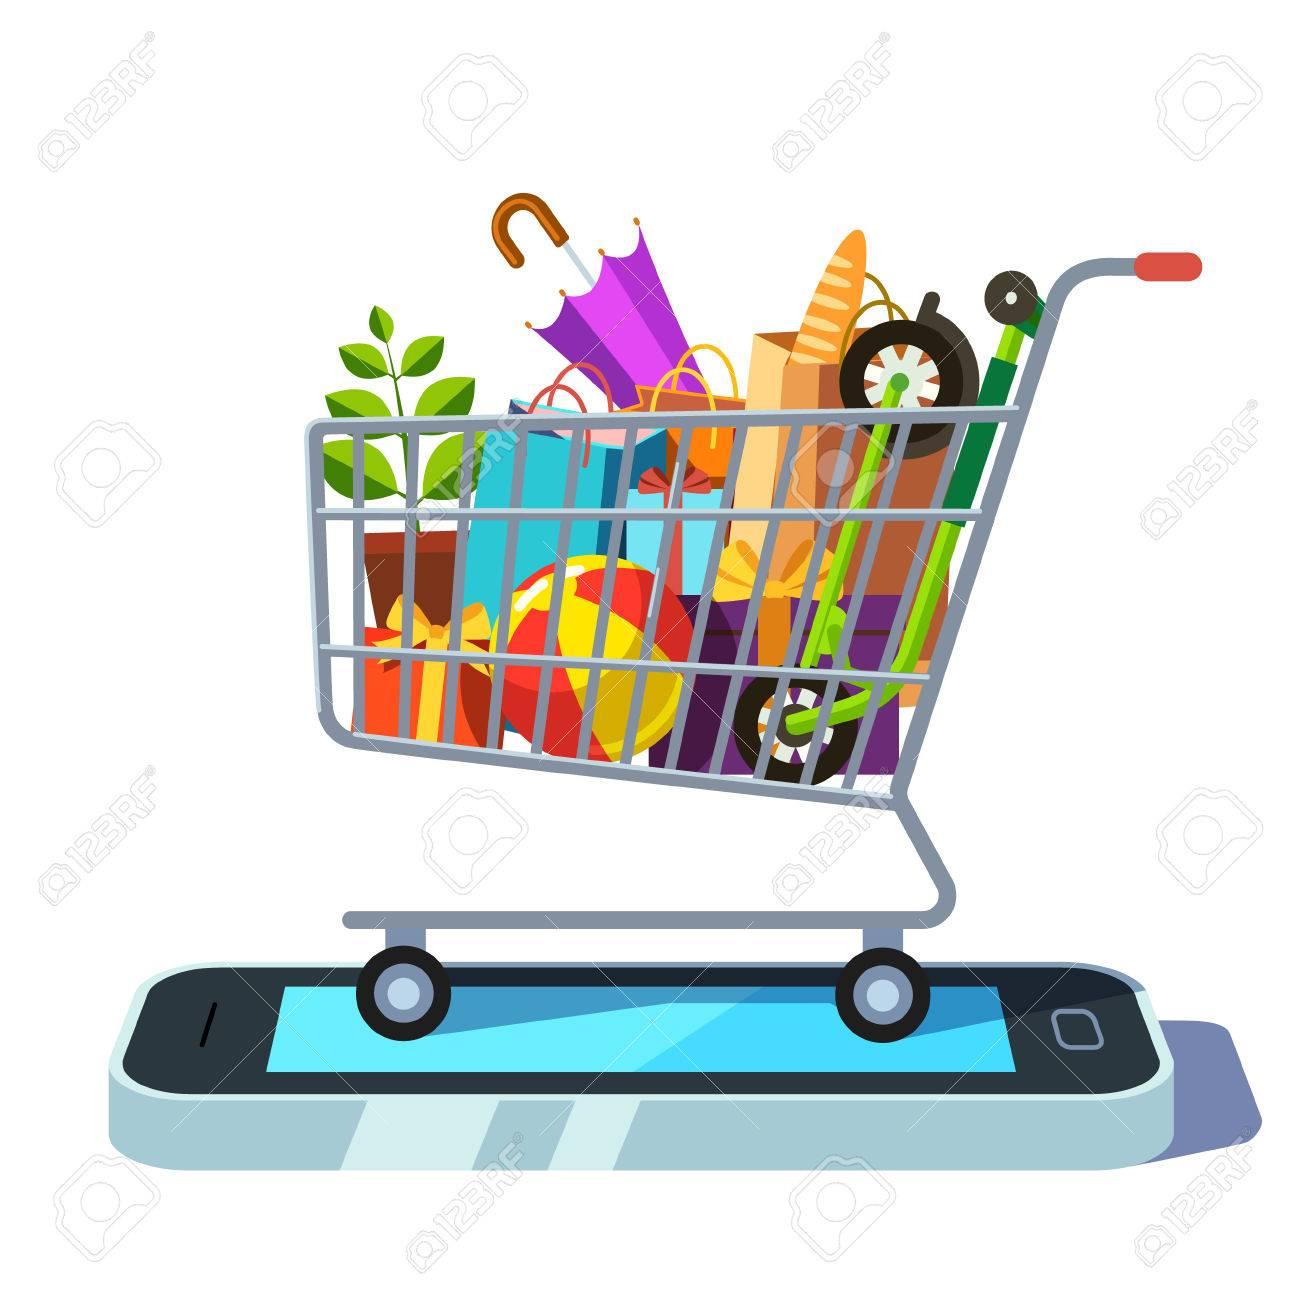 %craziya shopping cart